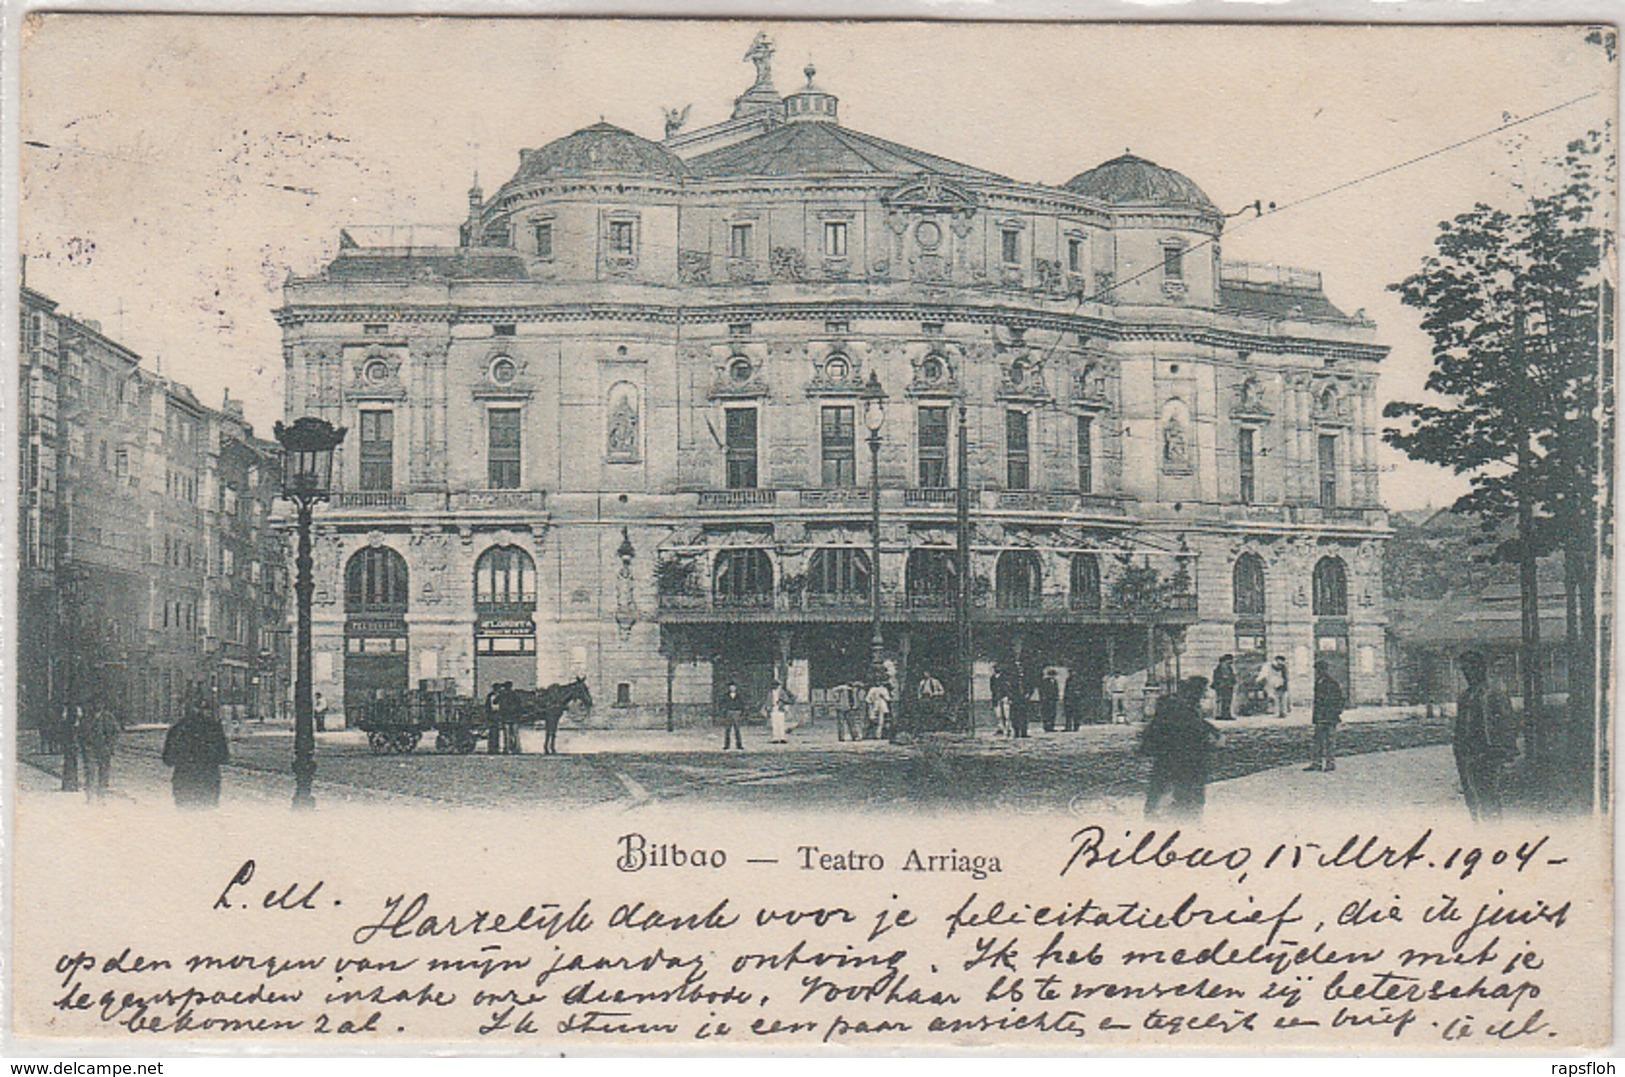 Bilbao Teatro Arriaga 1904 - Vizcaya (Bilbao)